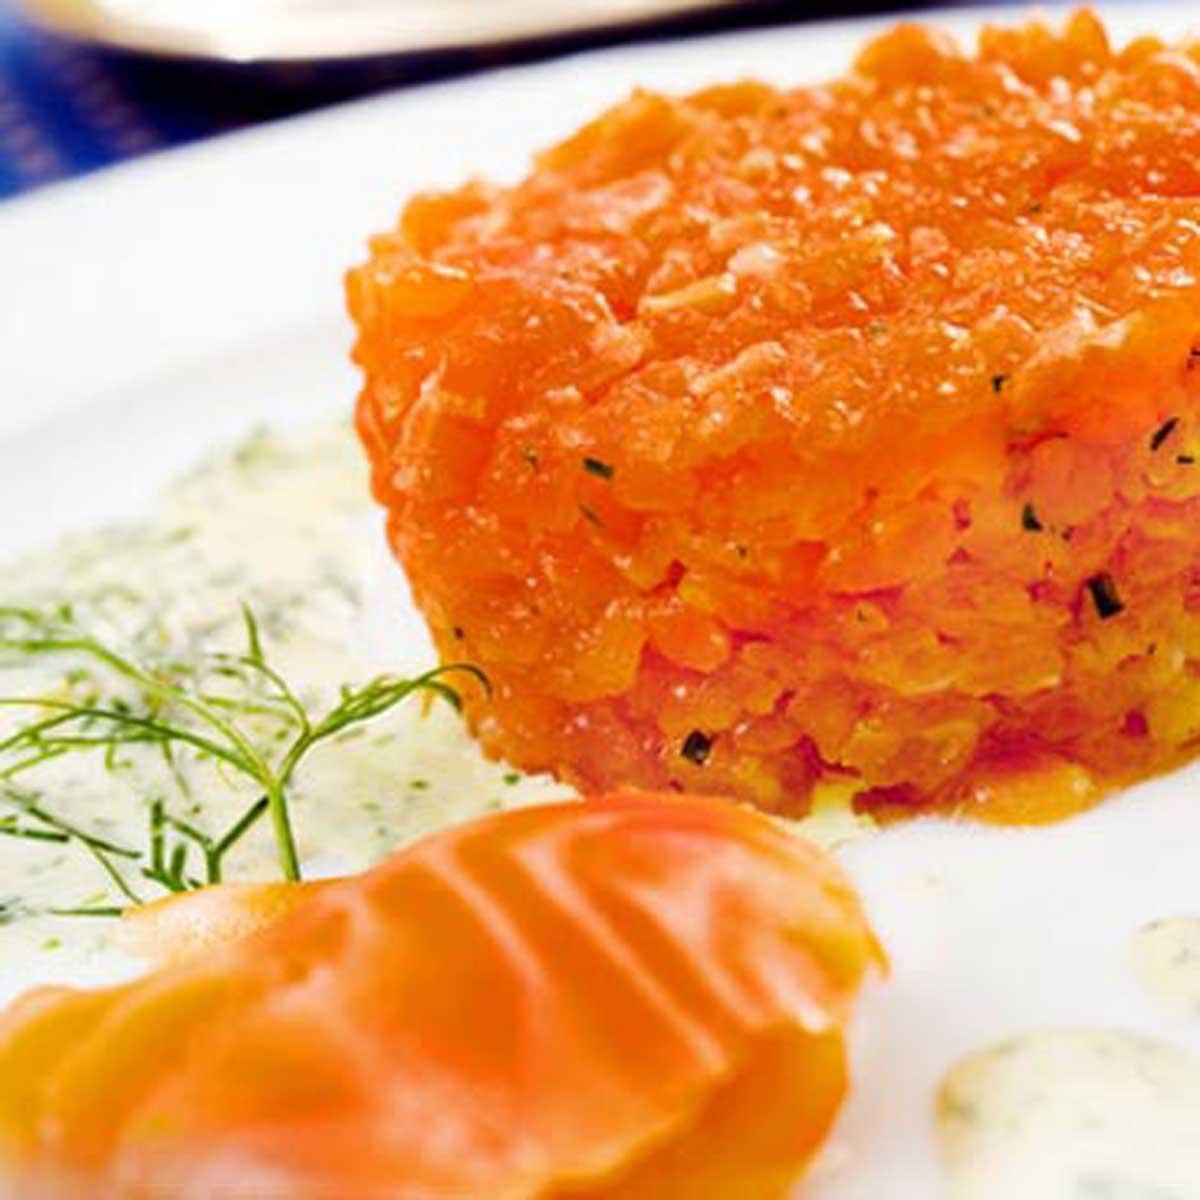 Recette tartare de saumon au gros sel cuisine madame - Desherber au gros sel ...